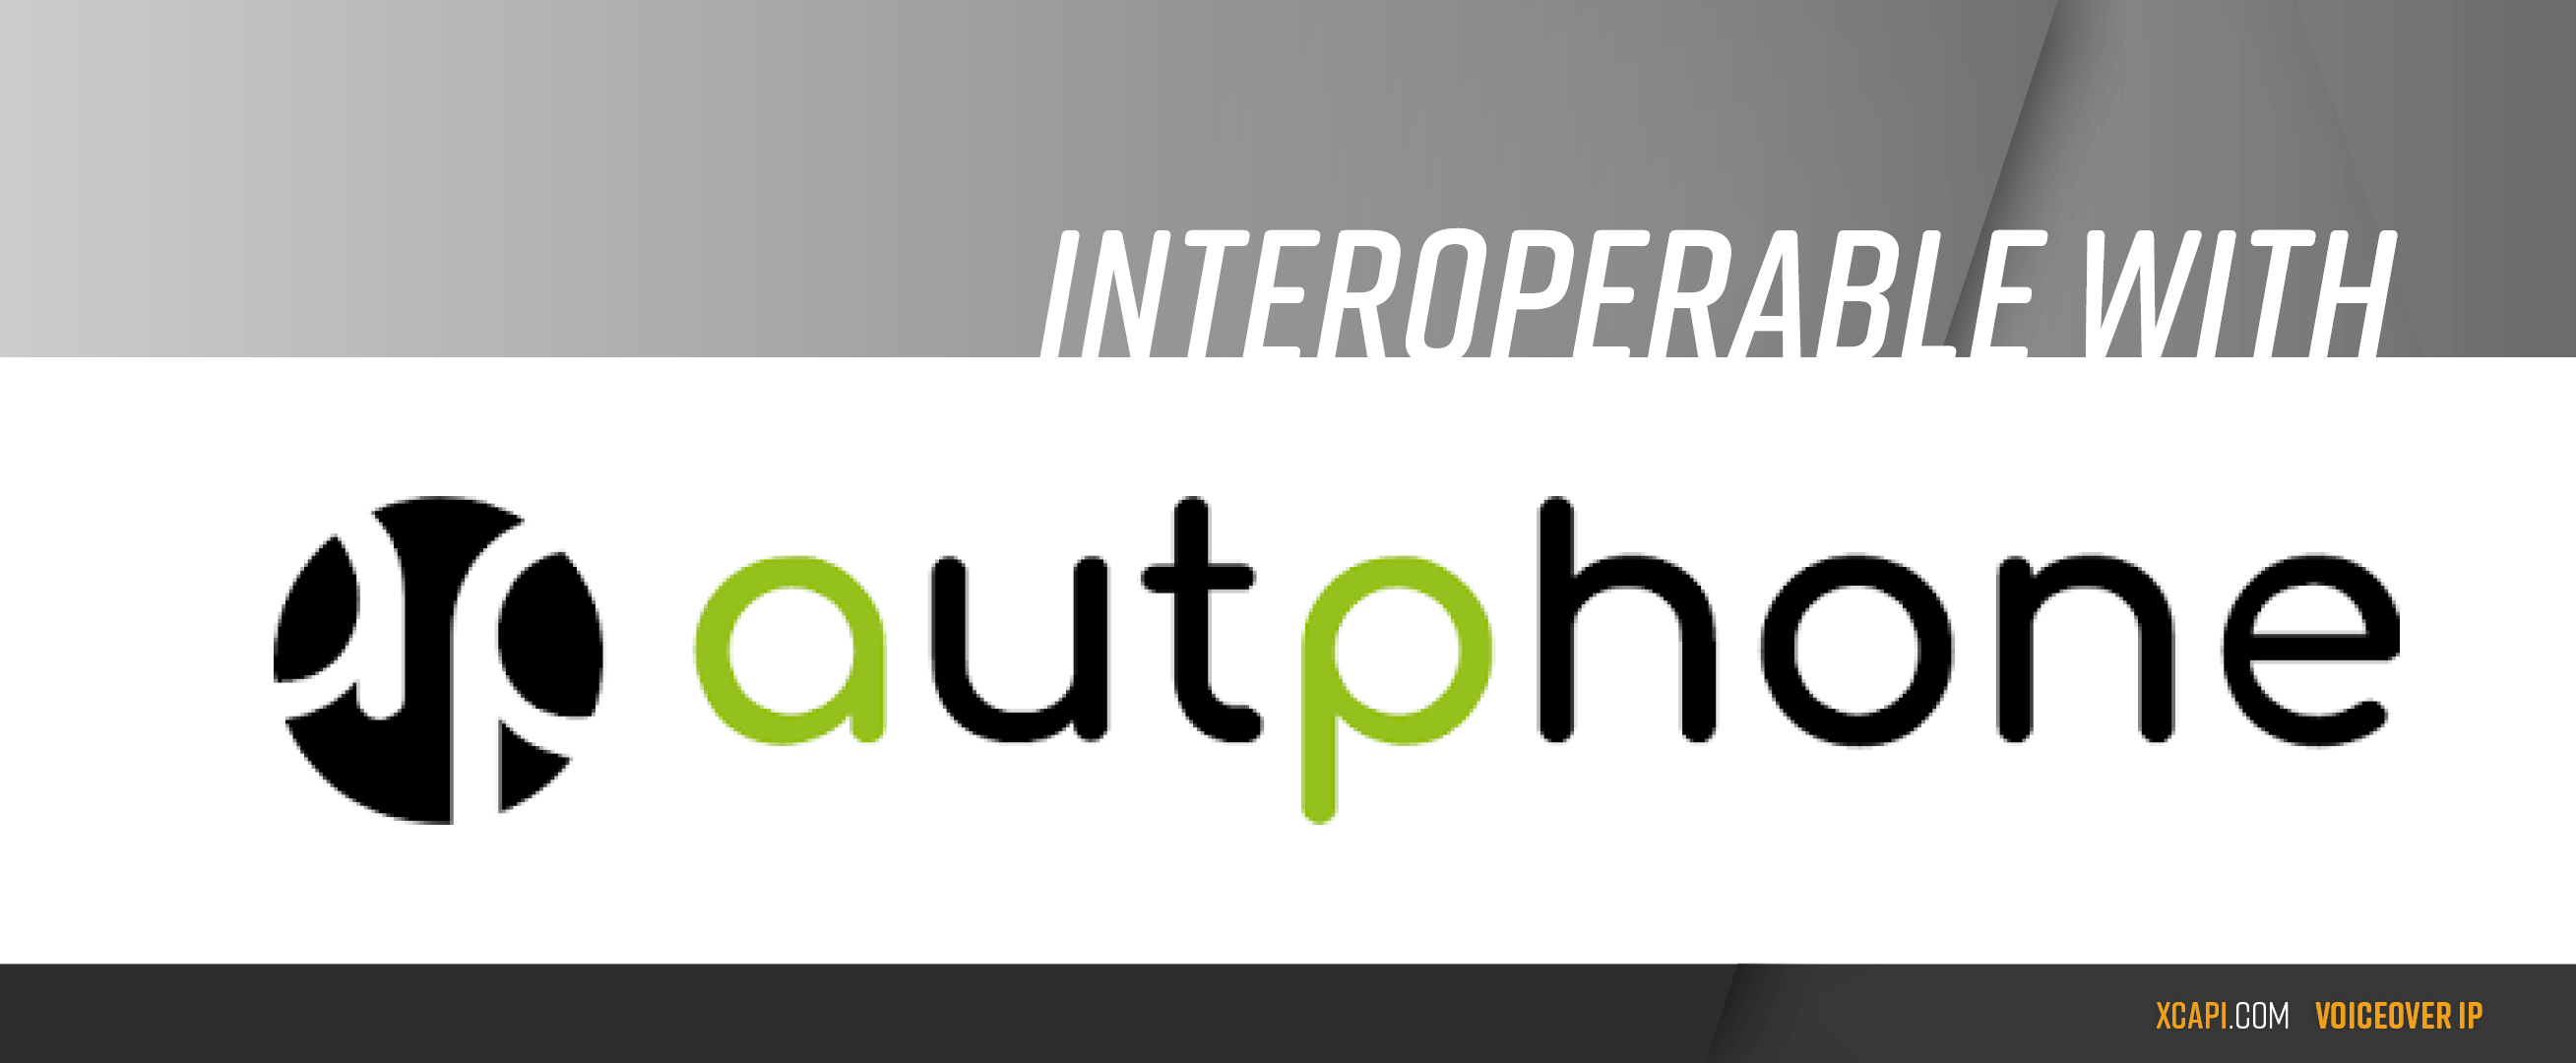 Neuer kompatibler SIP-Provider für die XCAPI: autphone